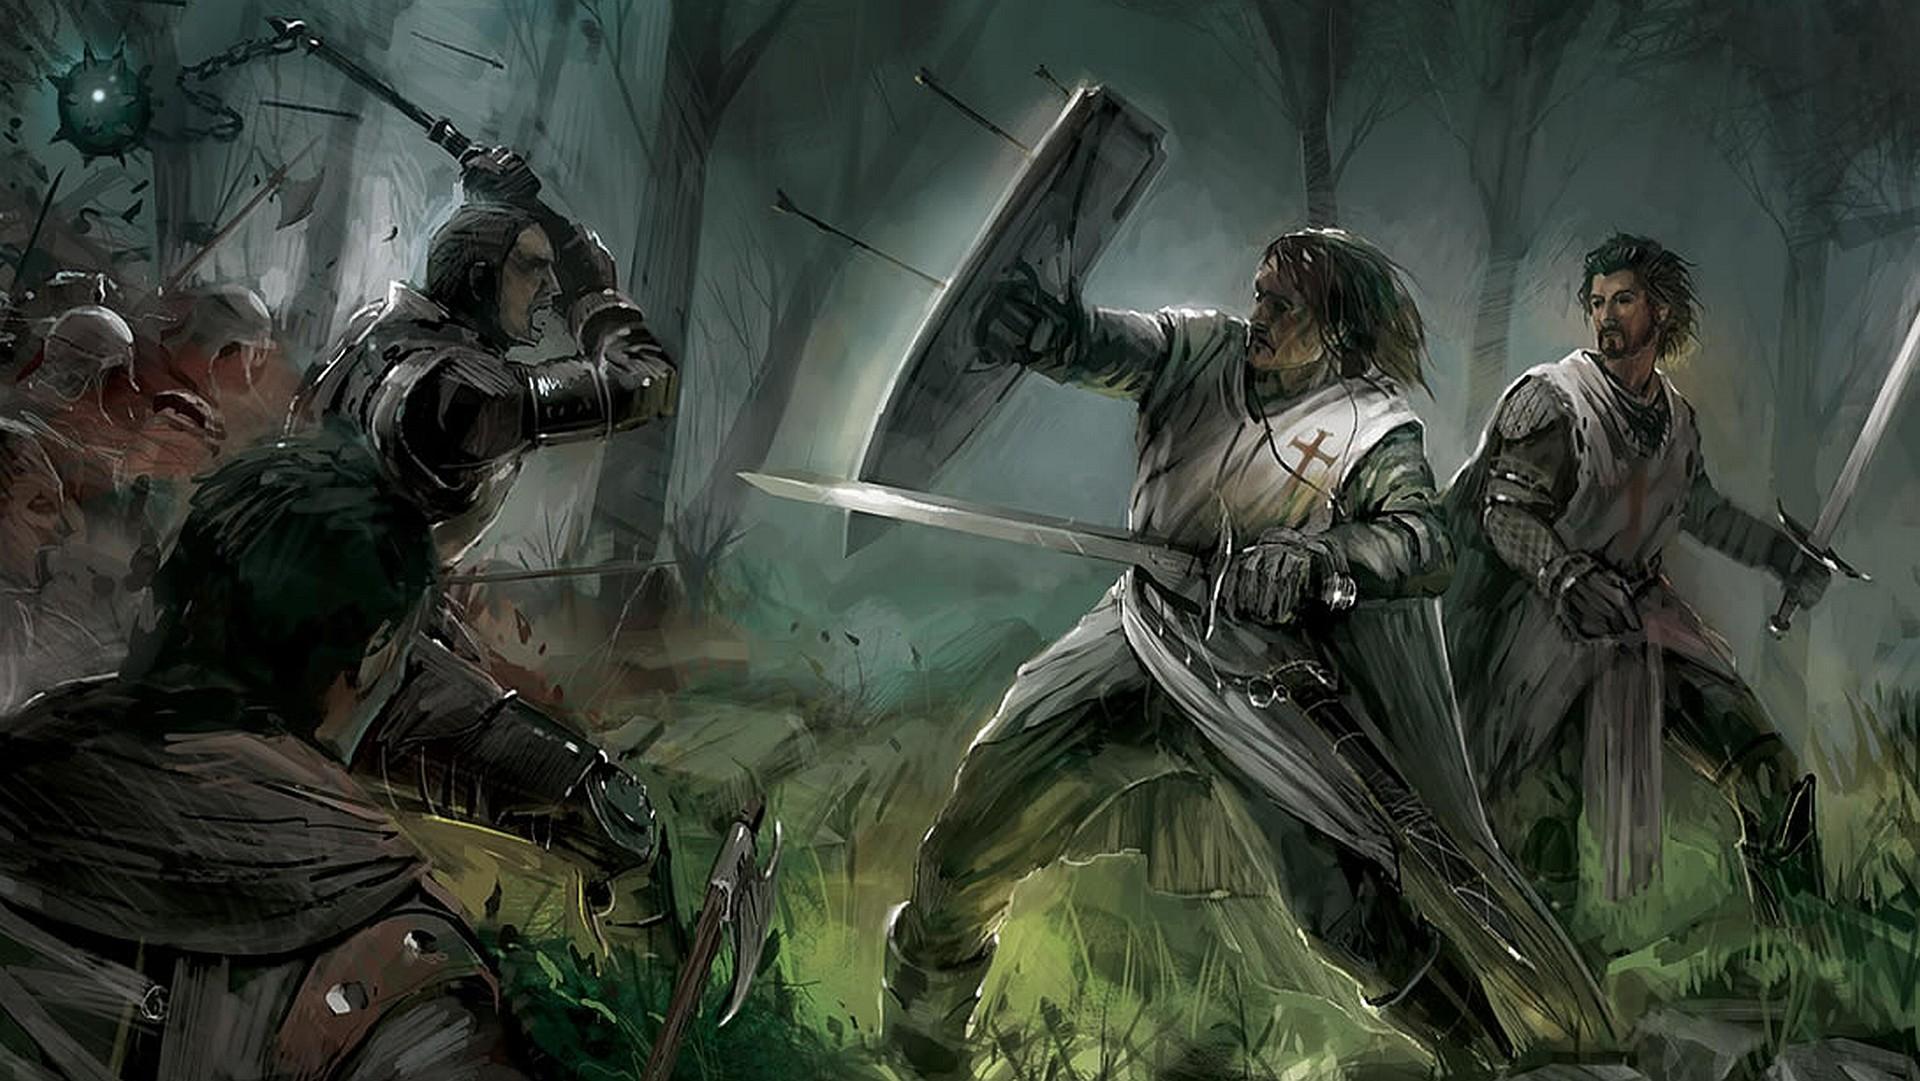 Templar wallpaper templar wallpaper backgrounds knights templar - Knights Wallpaper Wallpapersafari